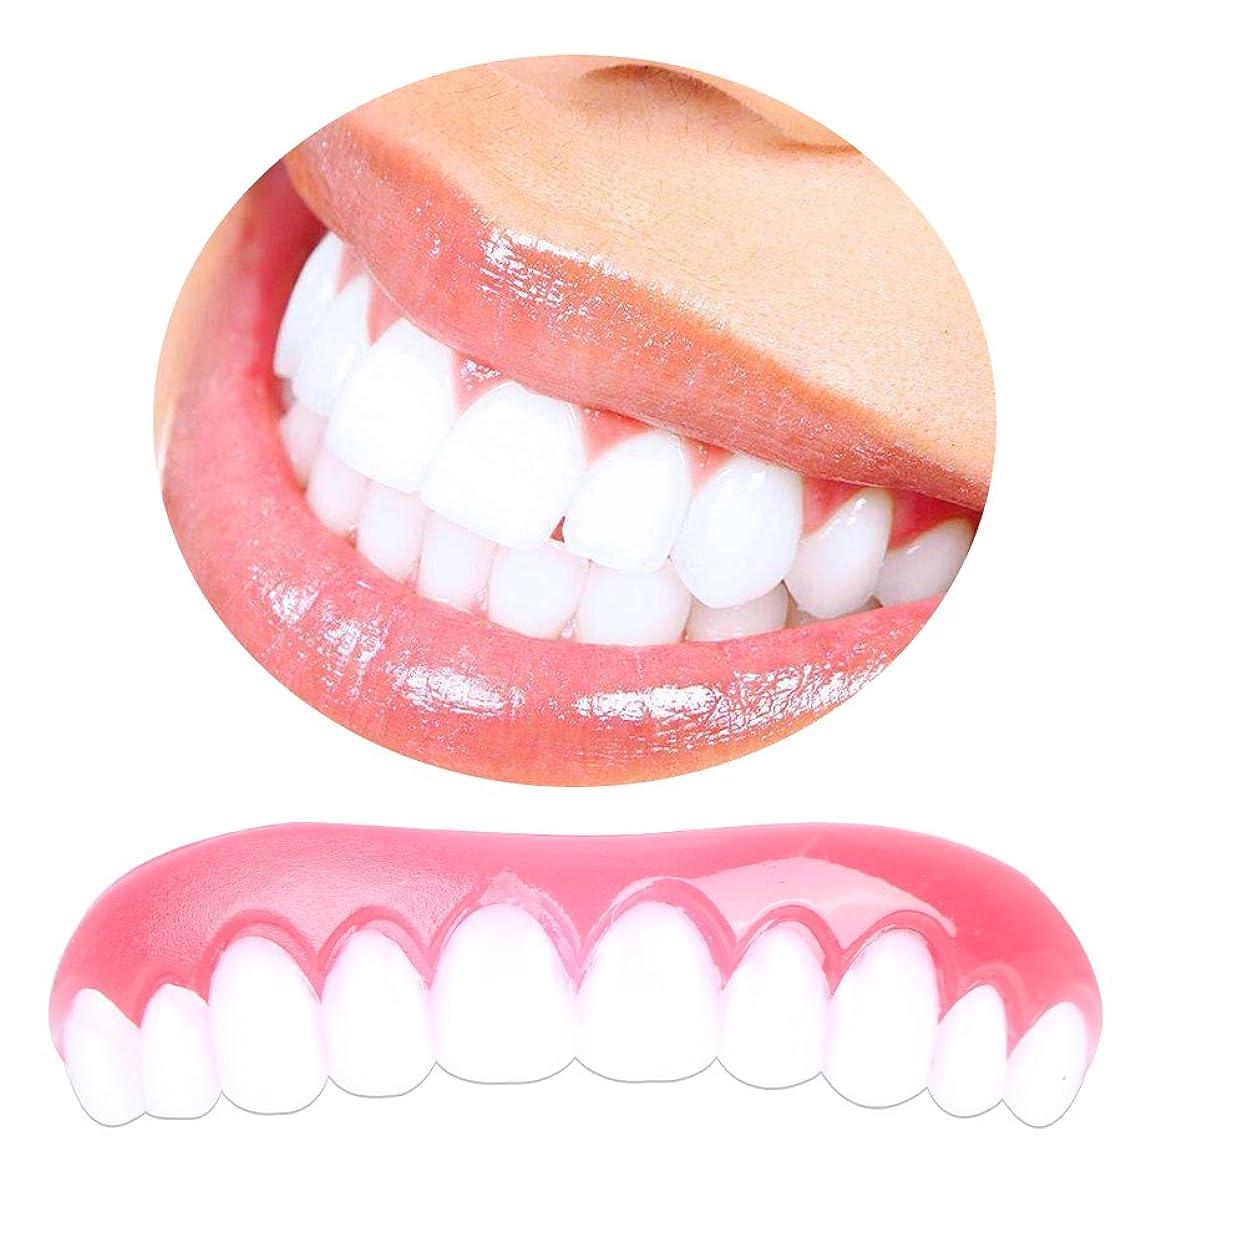 電化するペット漁師2ピースコンフォートフィットフレックス化粧品の歯完璧な笑顔のベニヤダブの歯の修正のための歯の修正のための完璧な笑顔のベニヤの歯のホワイトニング